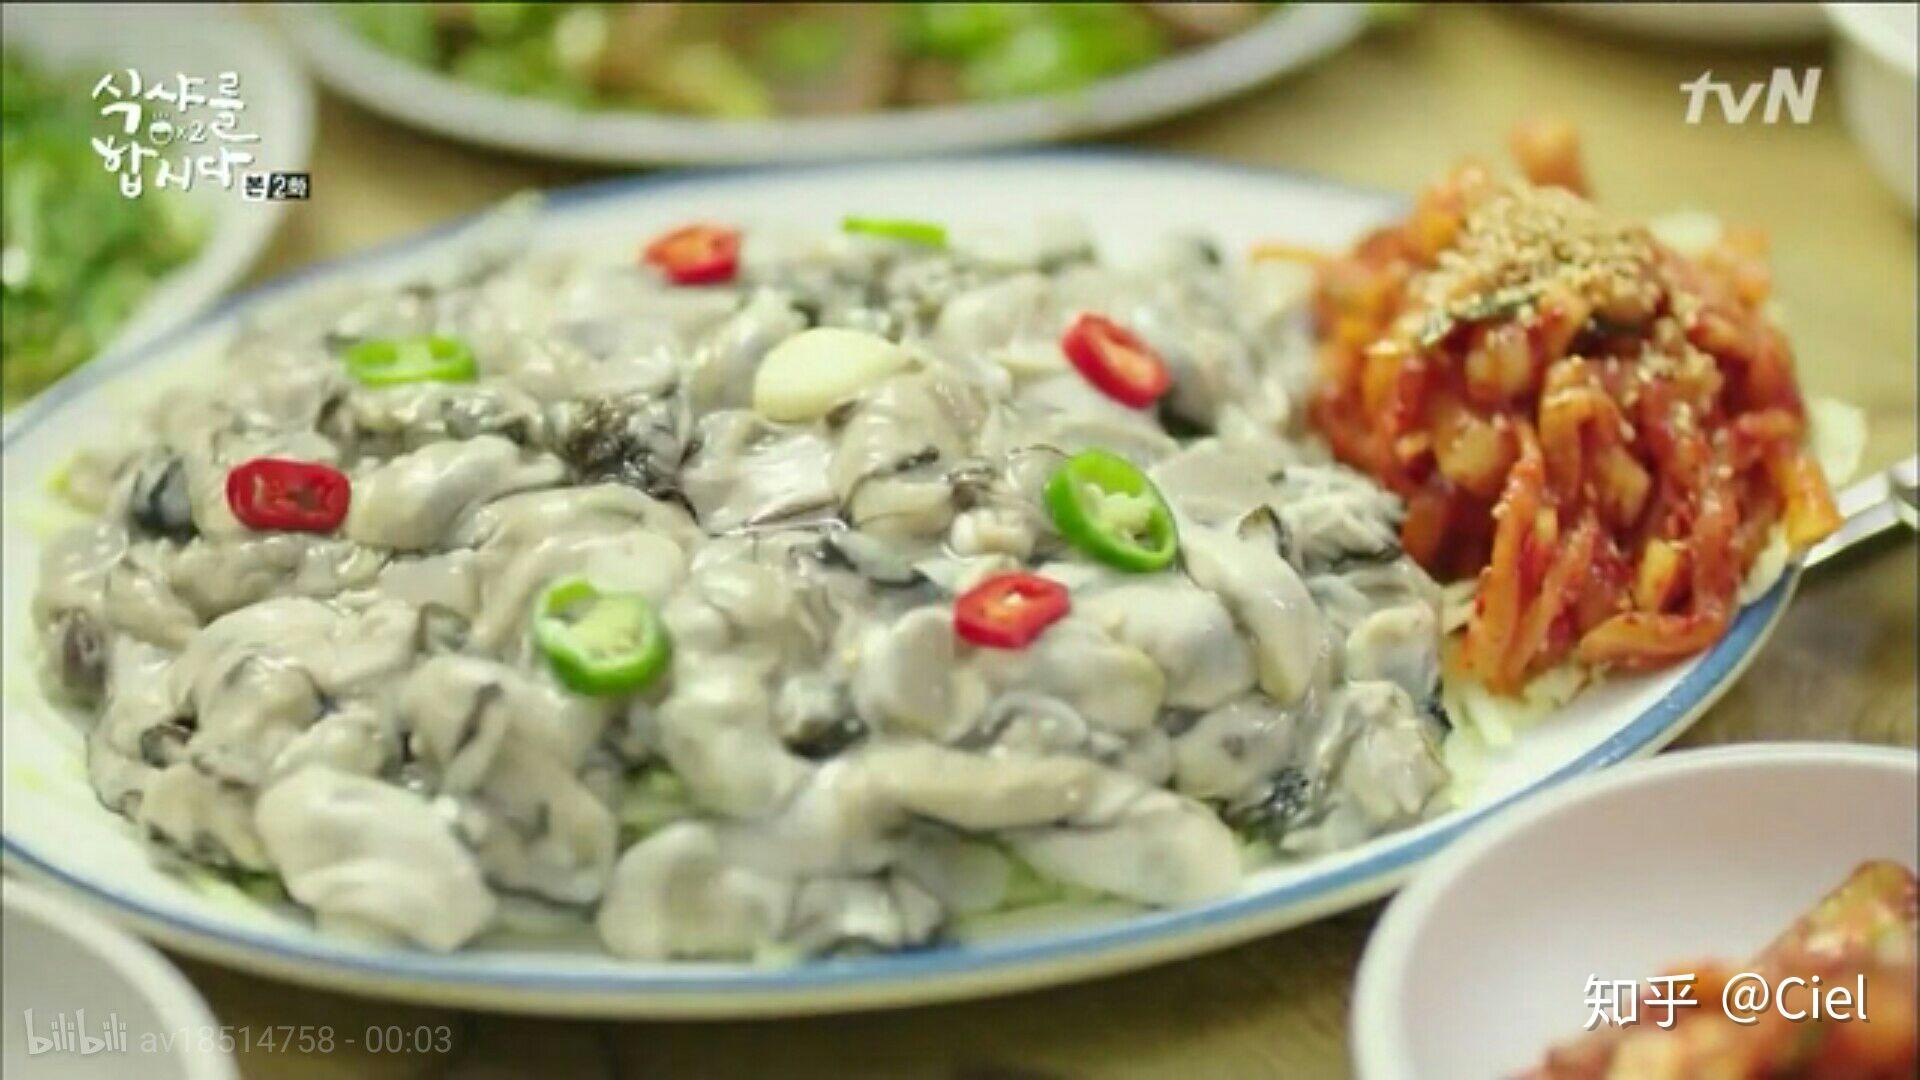 韓劇《一起用餐吧》里的美食有哪些? - 知乎